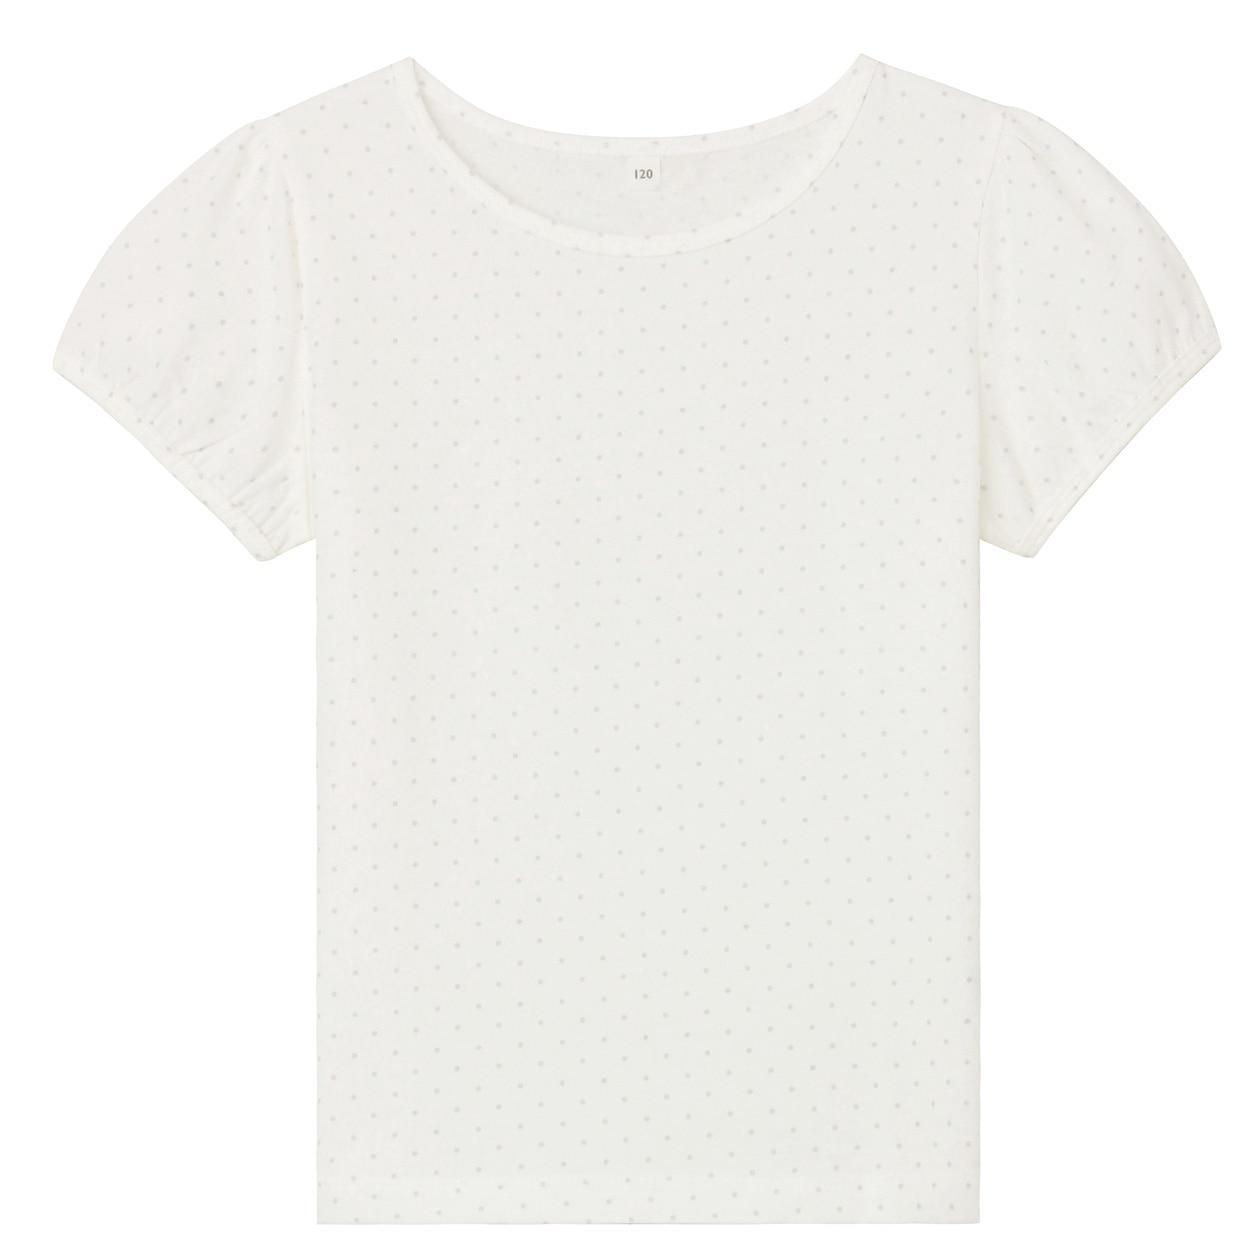 インド綿天竺編み水玉パフスリーブTシャツ(キッズ)